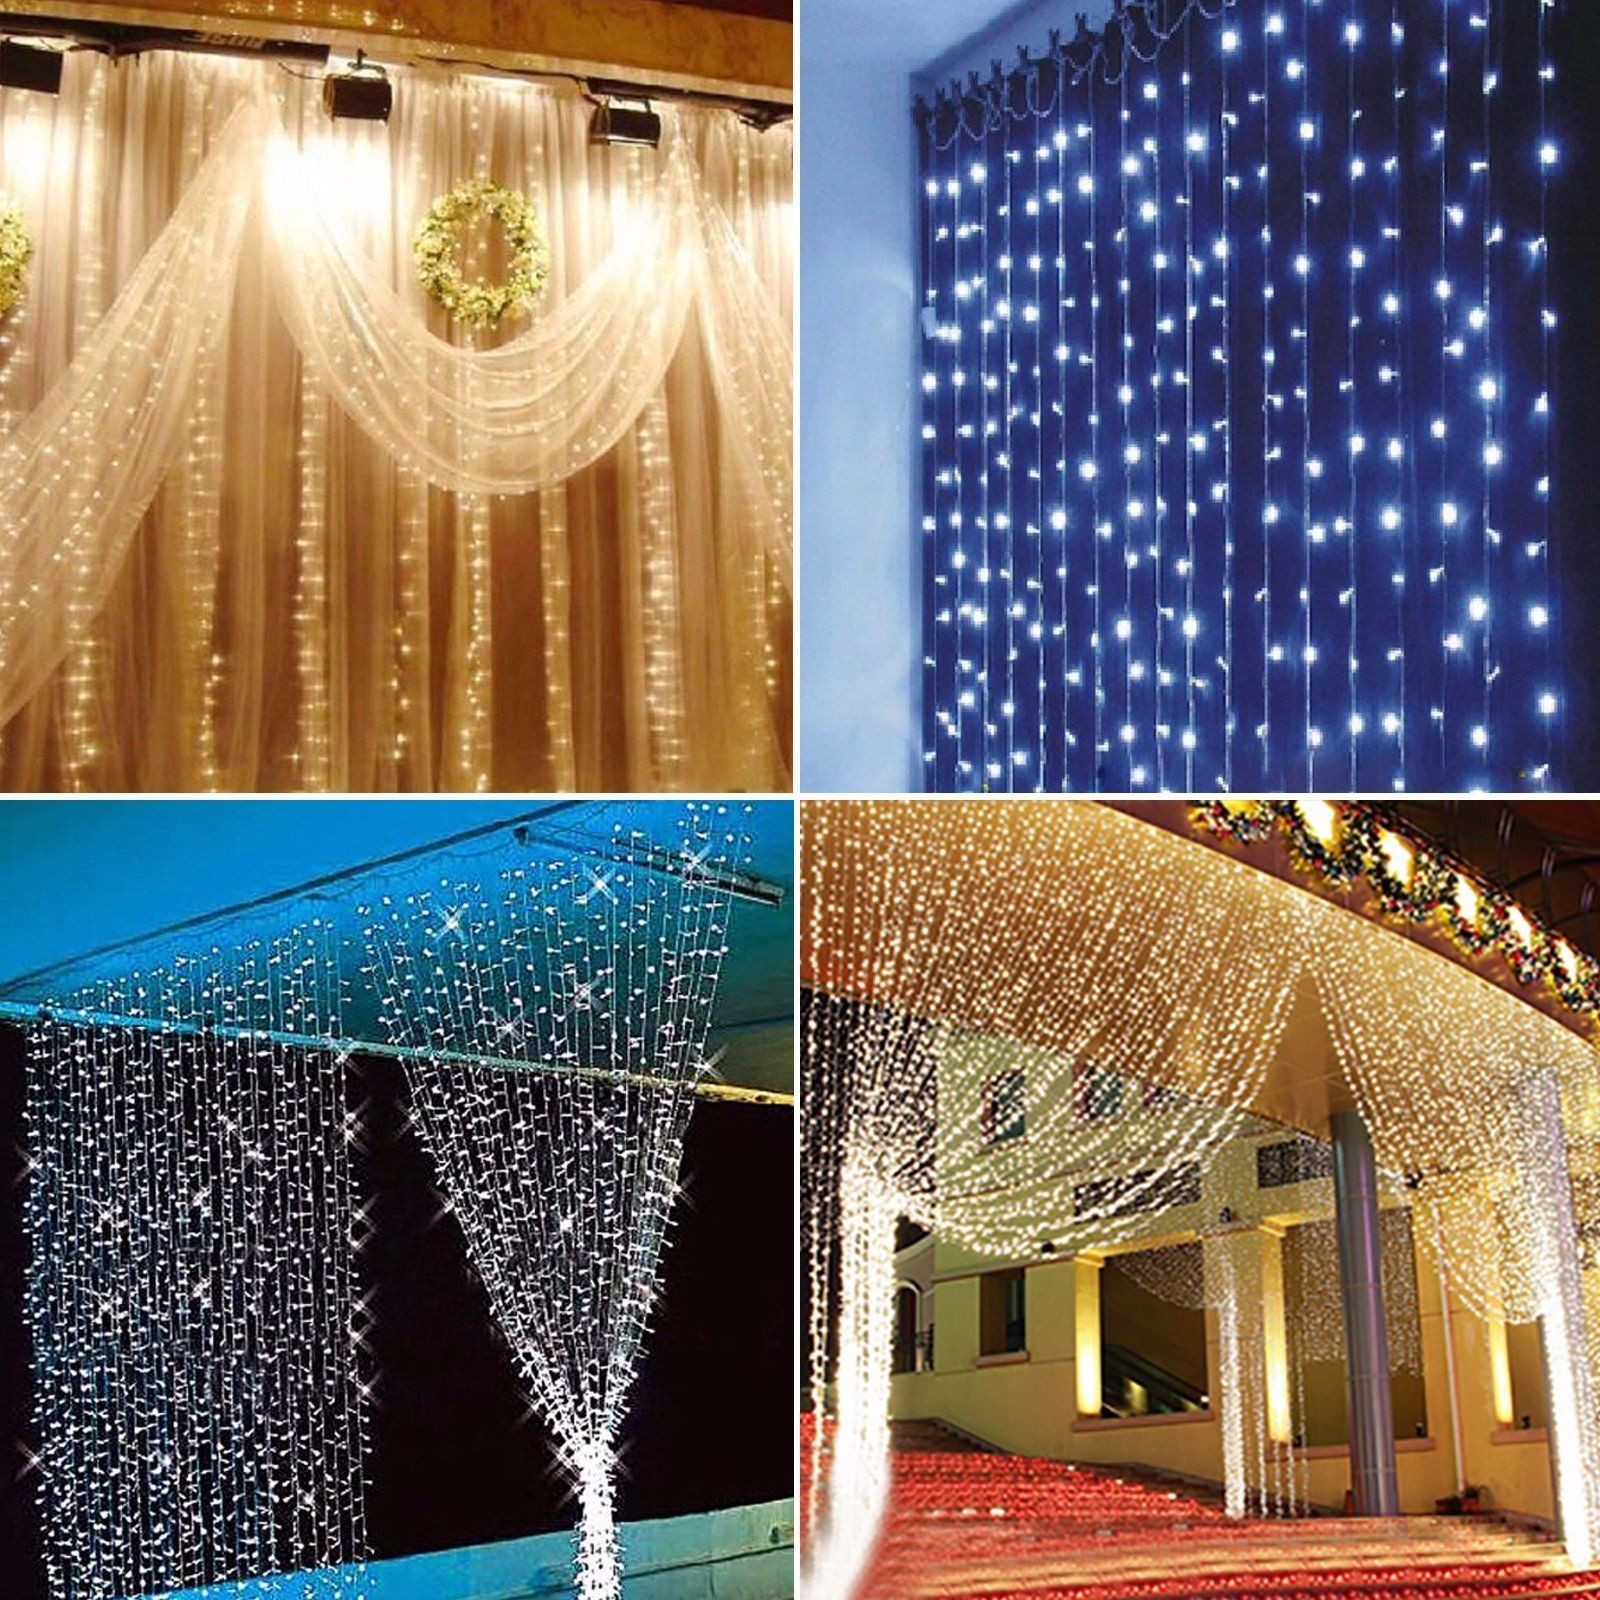 Rideau lumière 600 lumière LED chaîne de règles uefa 220 v6 * 3 m série de lampe rideau étanche intérieure et extérieure